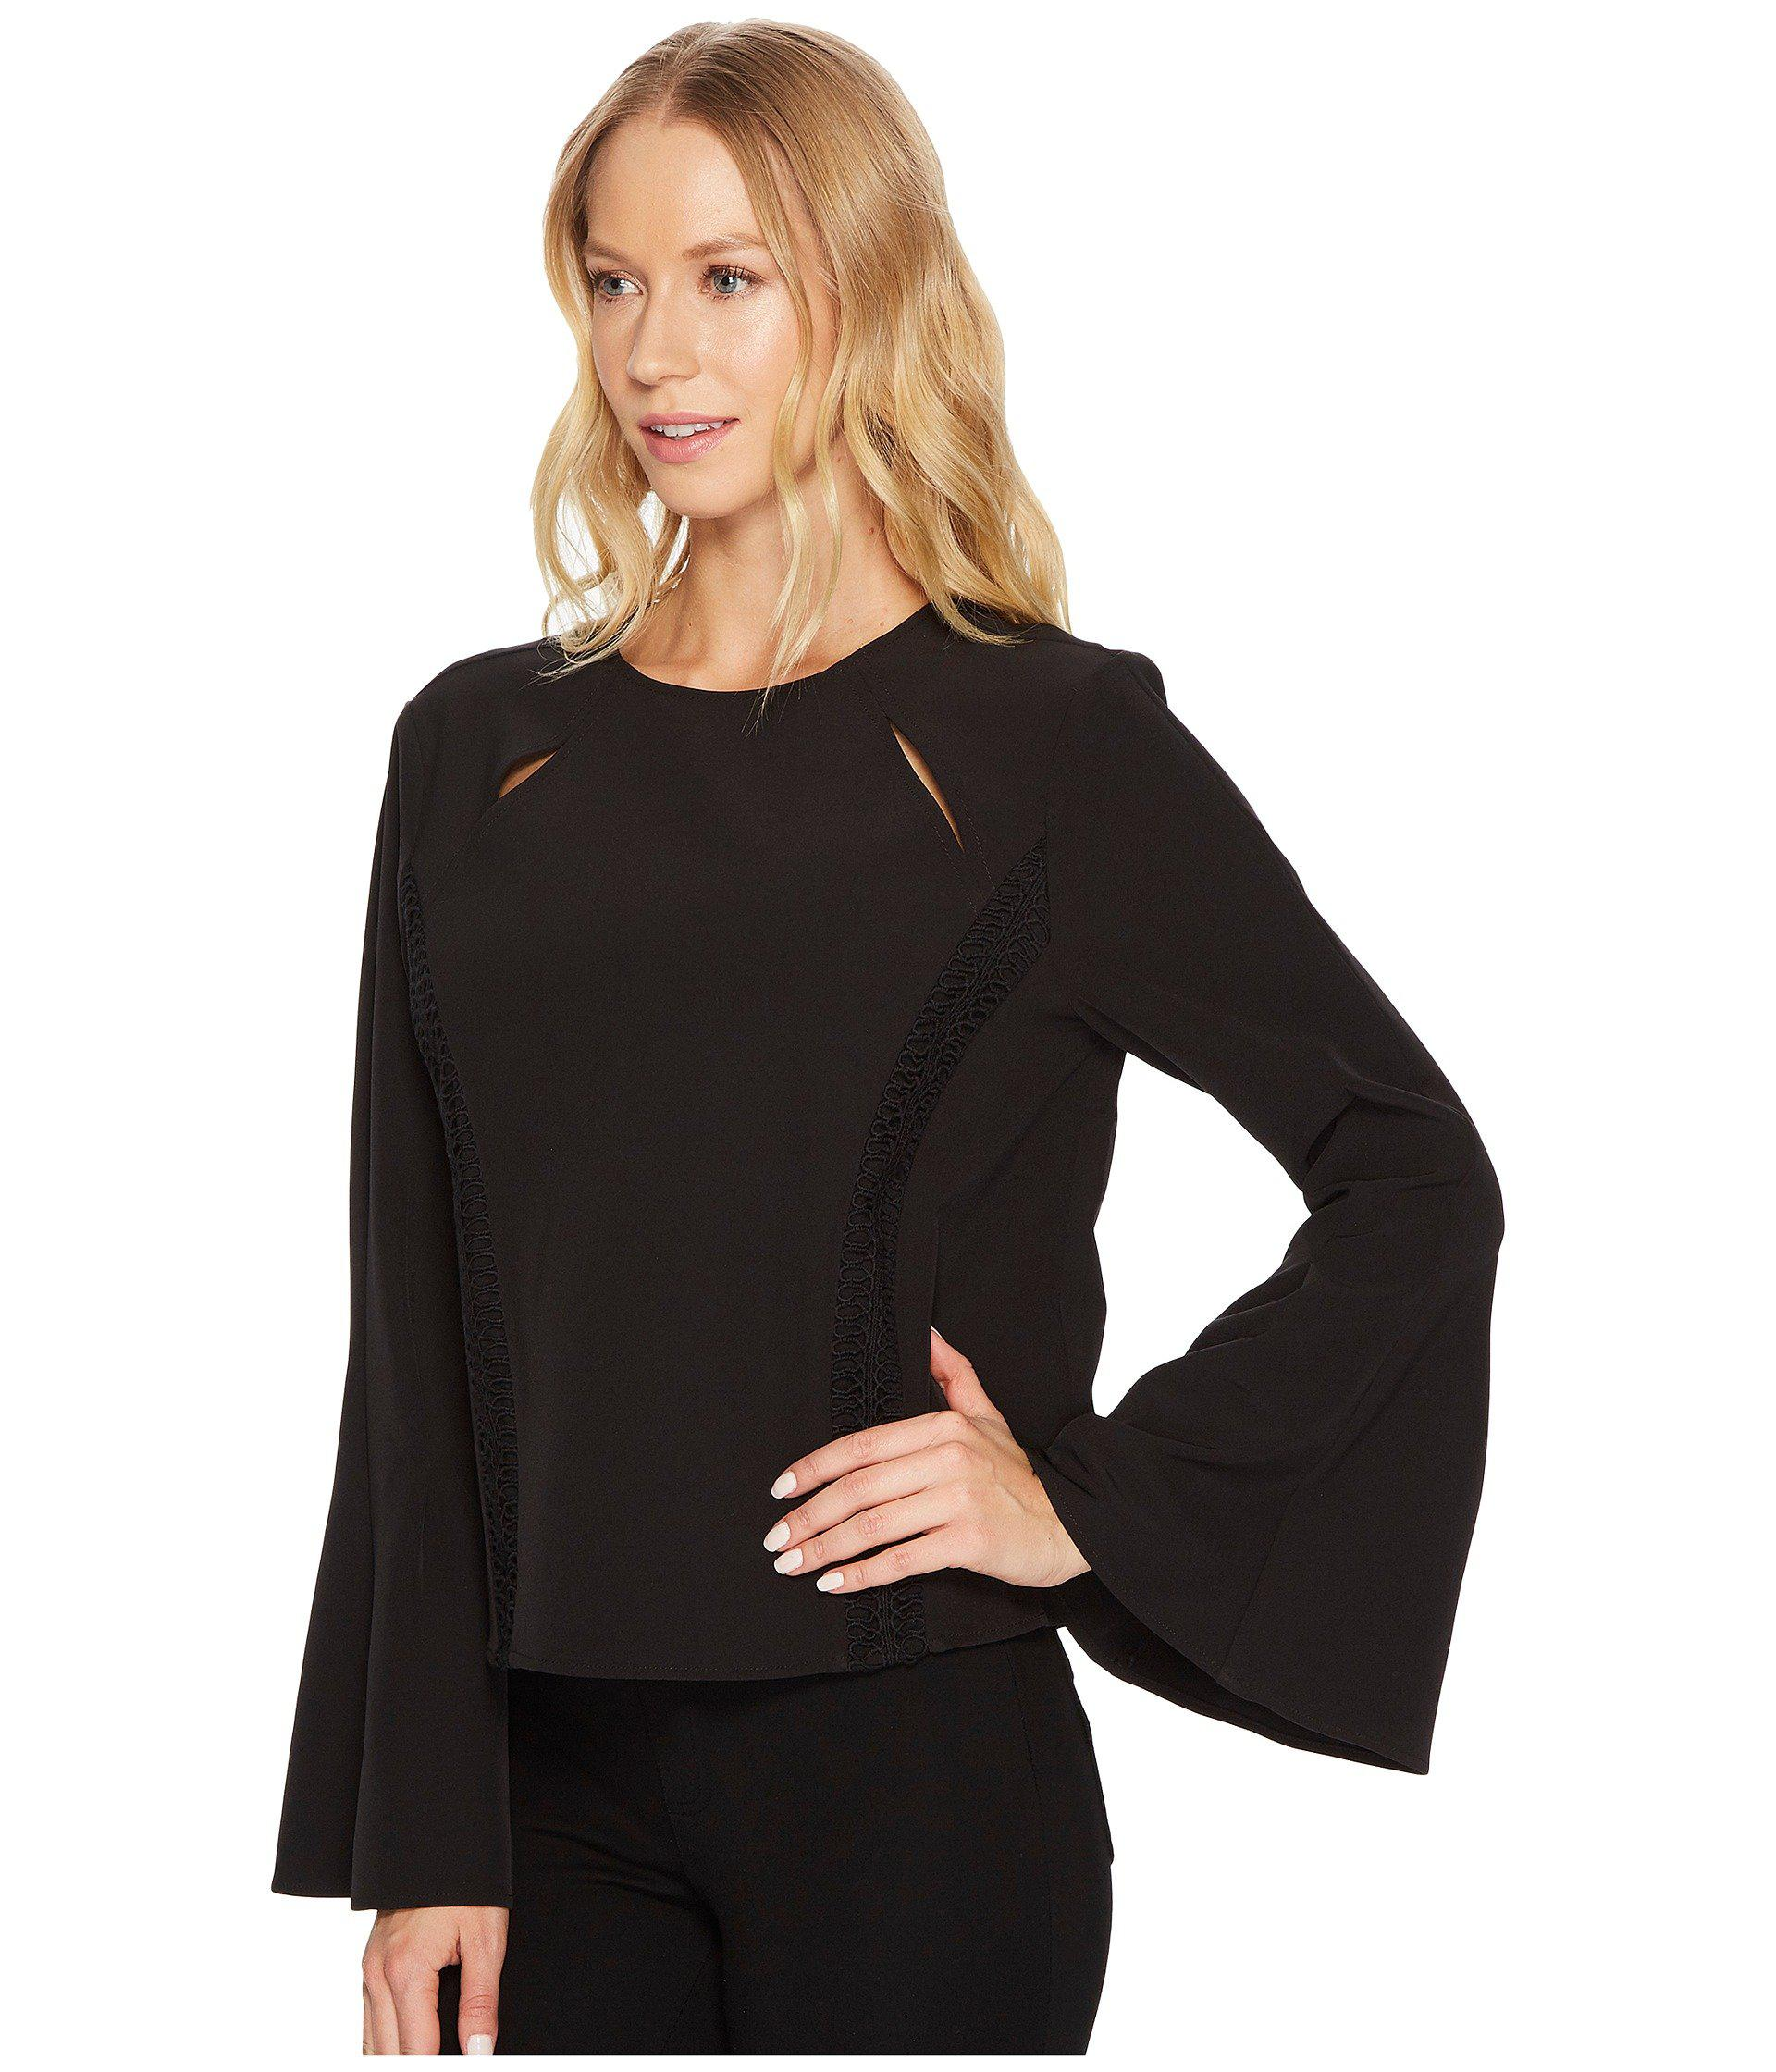 HANRO Womens Mathilde 3//4 Sleeve Bigshirt 76162